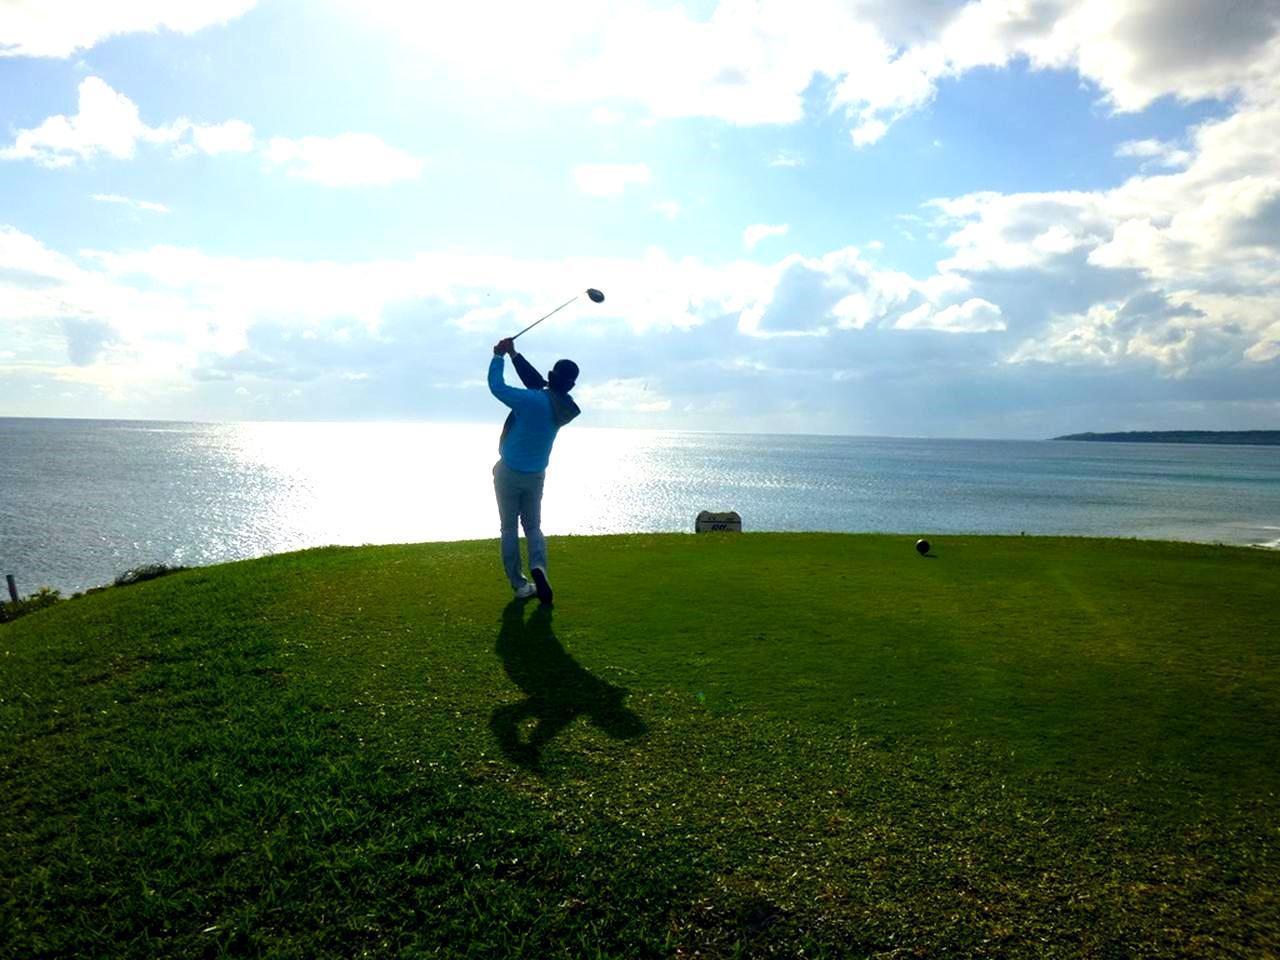 画像: 【宮古島・合宿】リズムとバランスでゴルフが変わる! 横田英治プロが直接レッスン 3日間 3プレー(添乗員同行/一人予約可能) - ゴルフへ行こうWEB by ゴルフダイジェスト